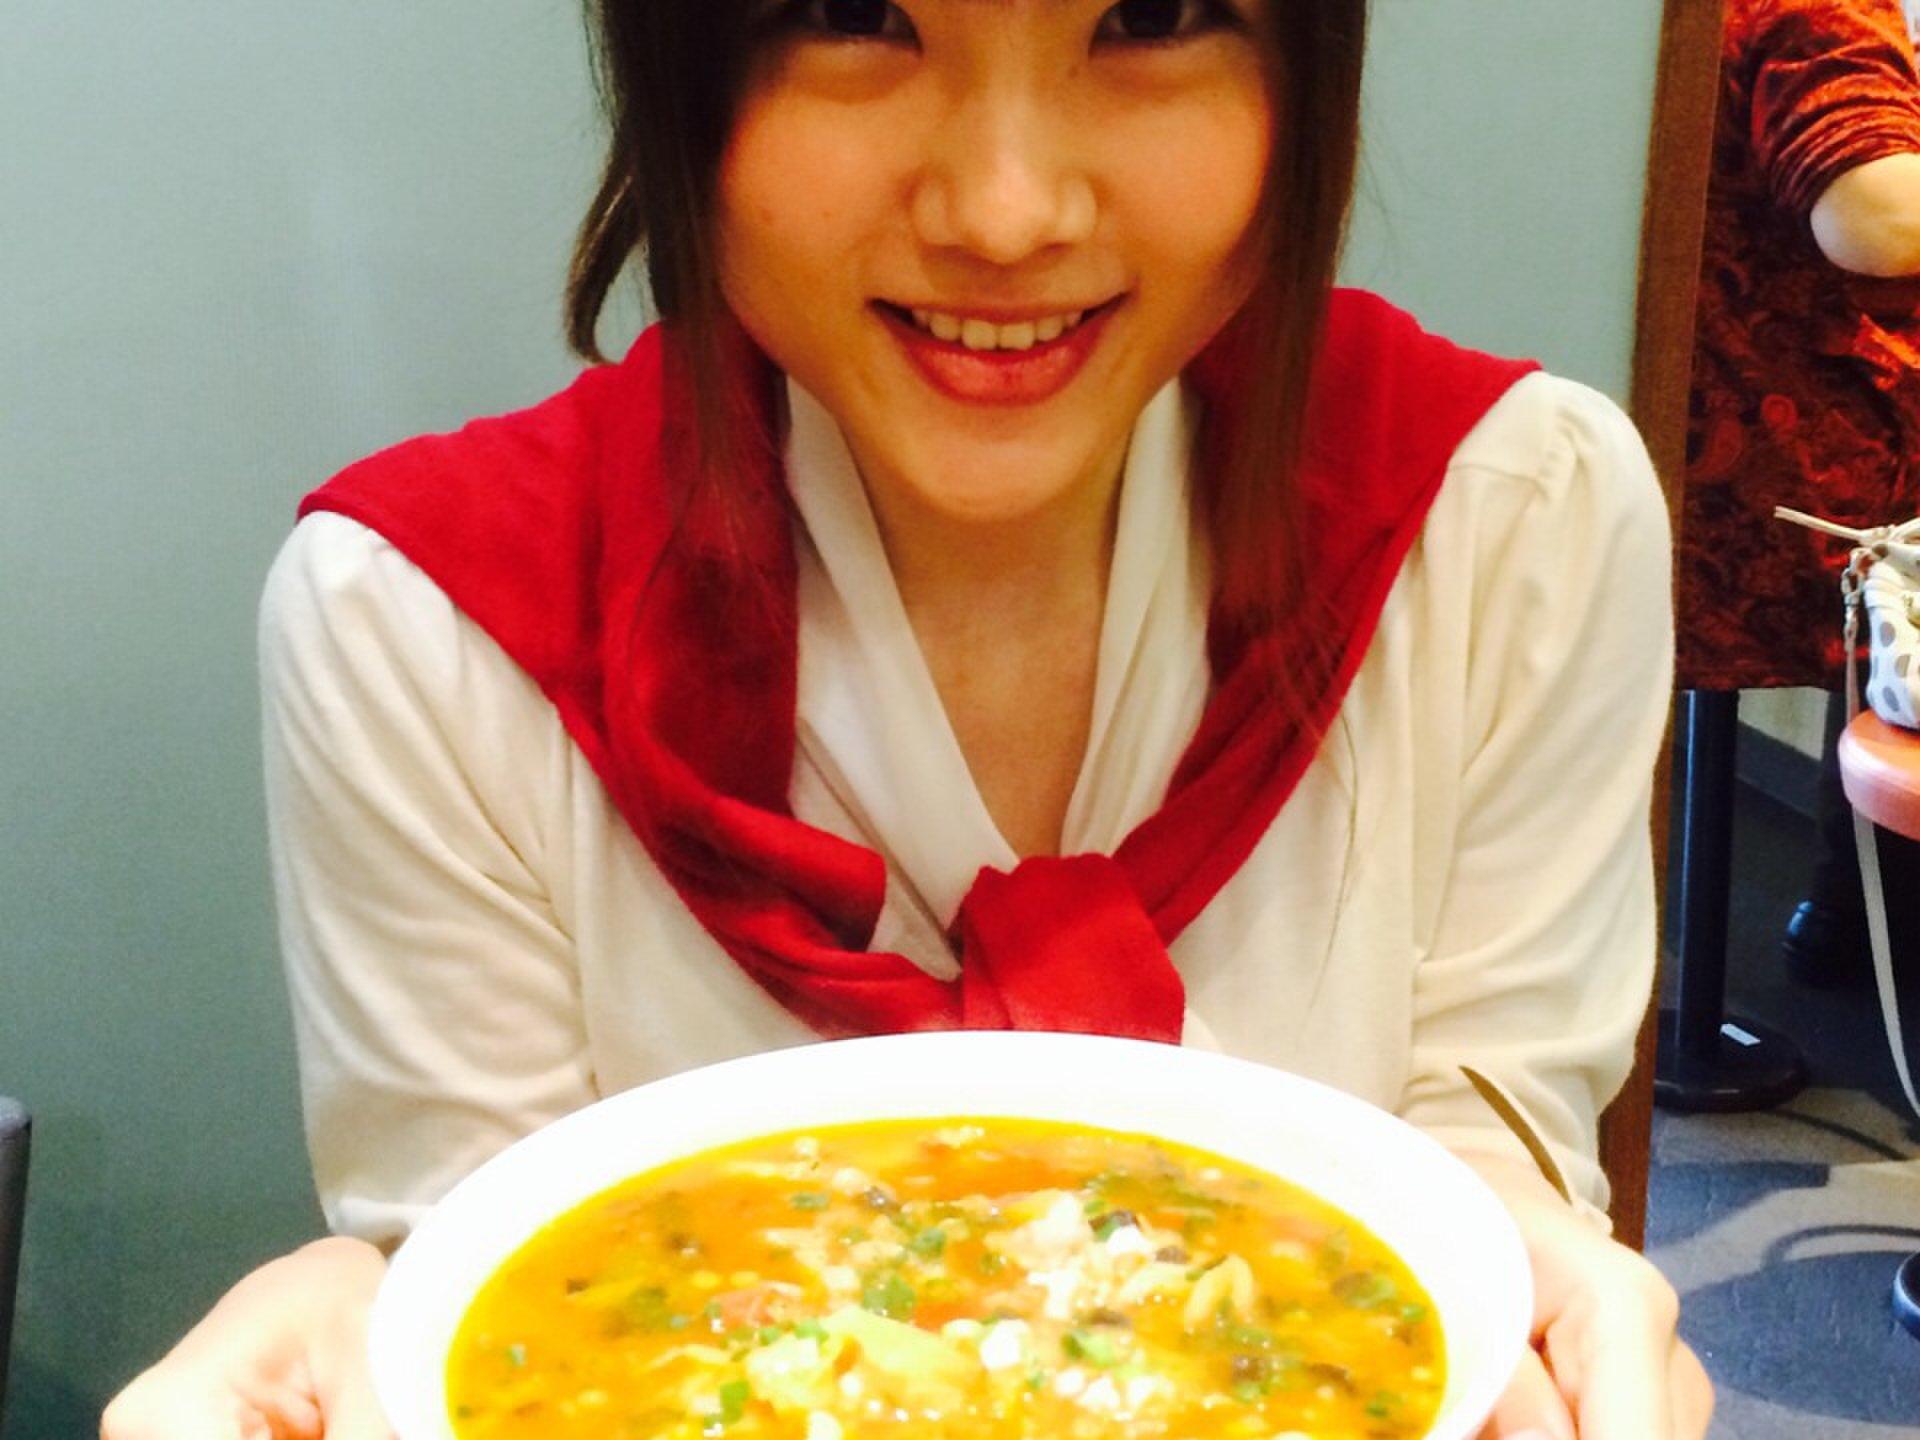 話題の川越シェフとのコラボラーメン SUPER代官山「GTR」らあめん花月嵐で食べてみた!